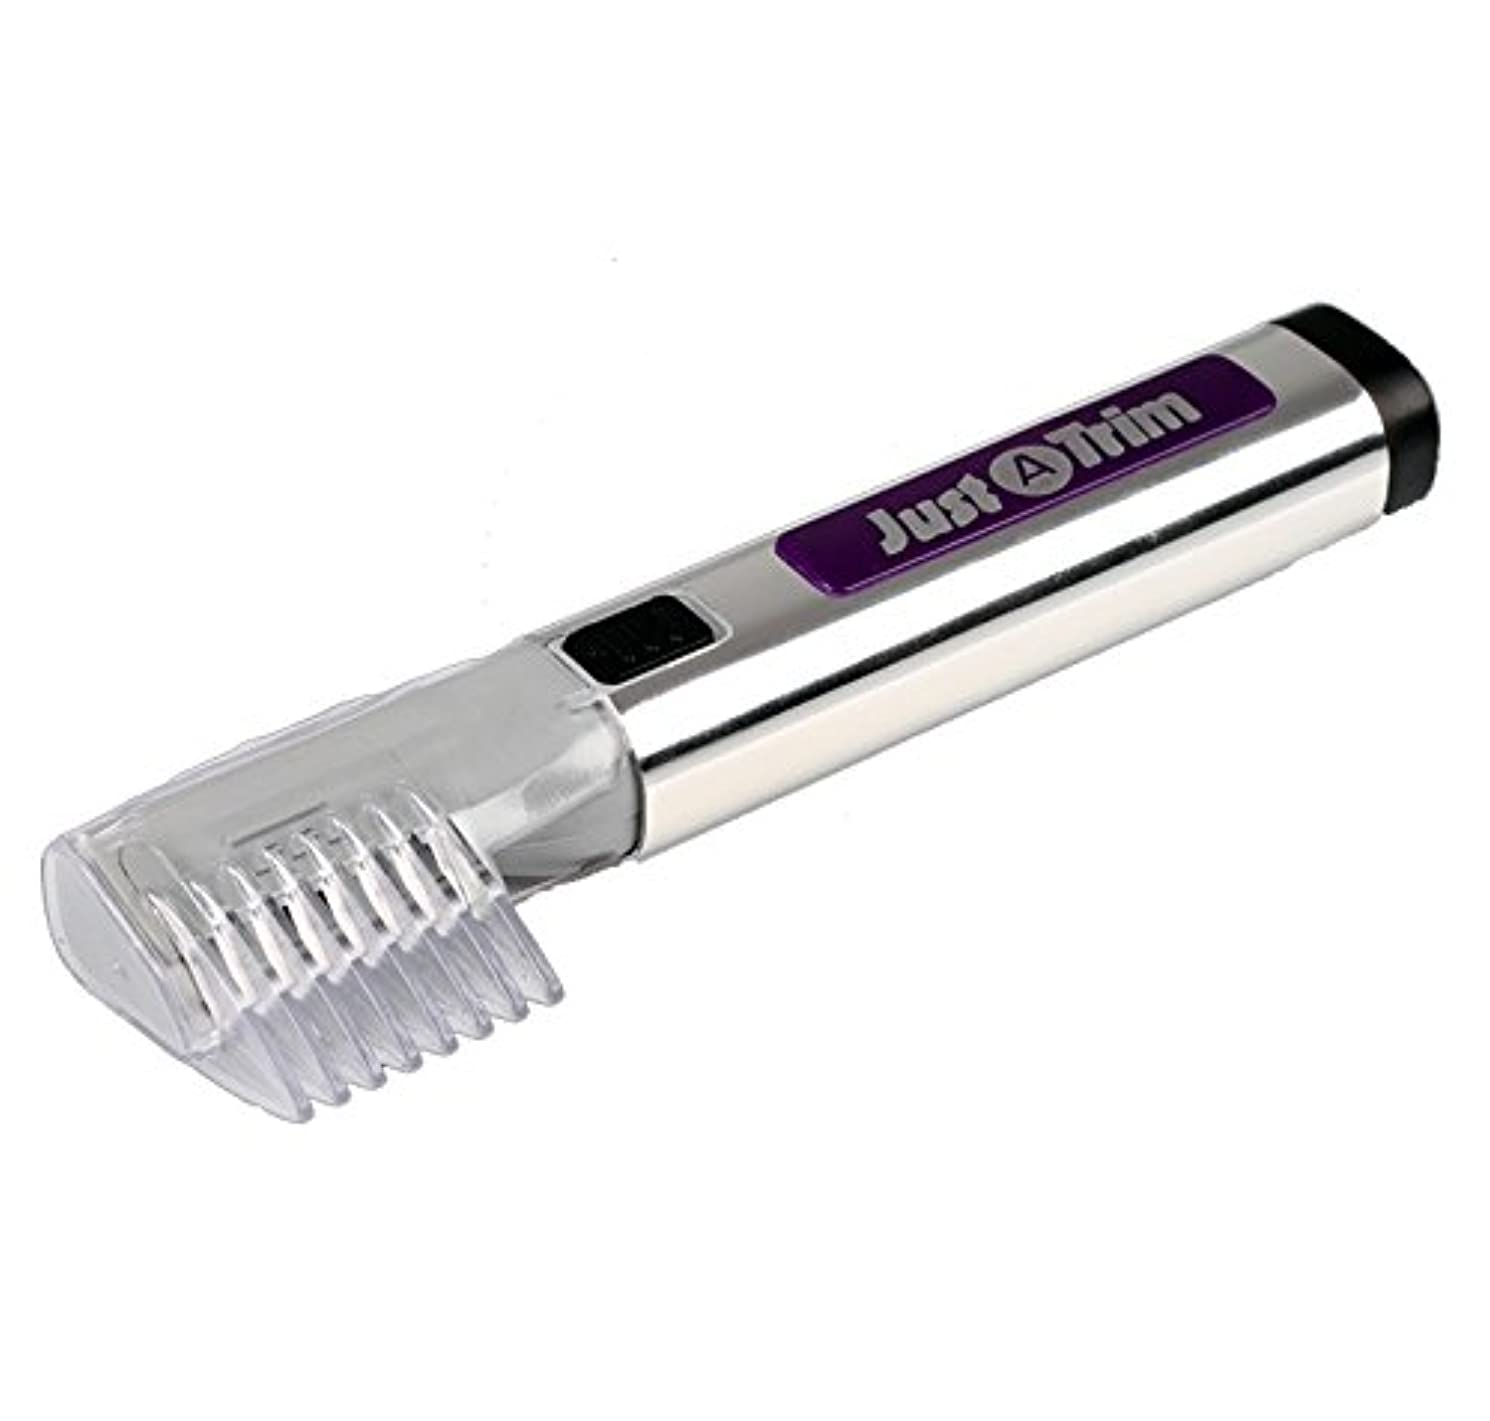 チャート考慮フィット無駄 毛 トリマー 電池 式 電動 カミソリ 眉毛 ヒゲ 整髪 SD-EH-113